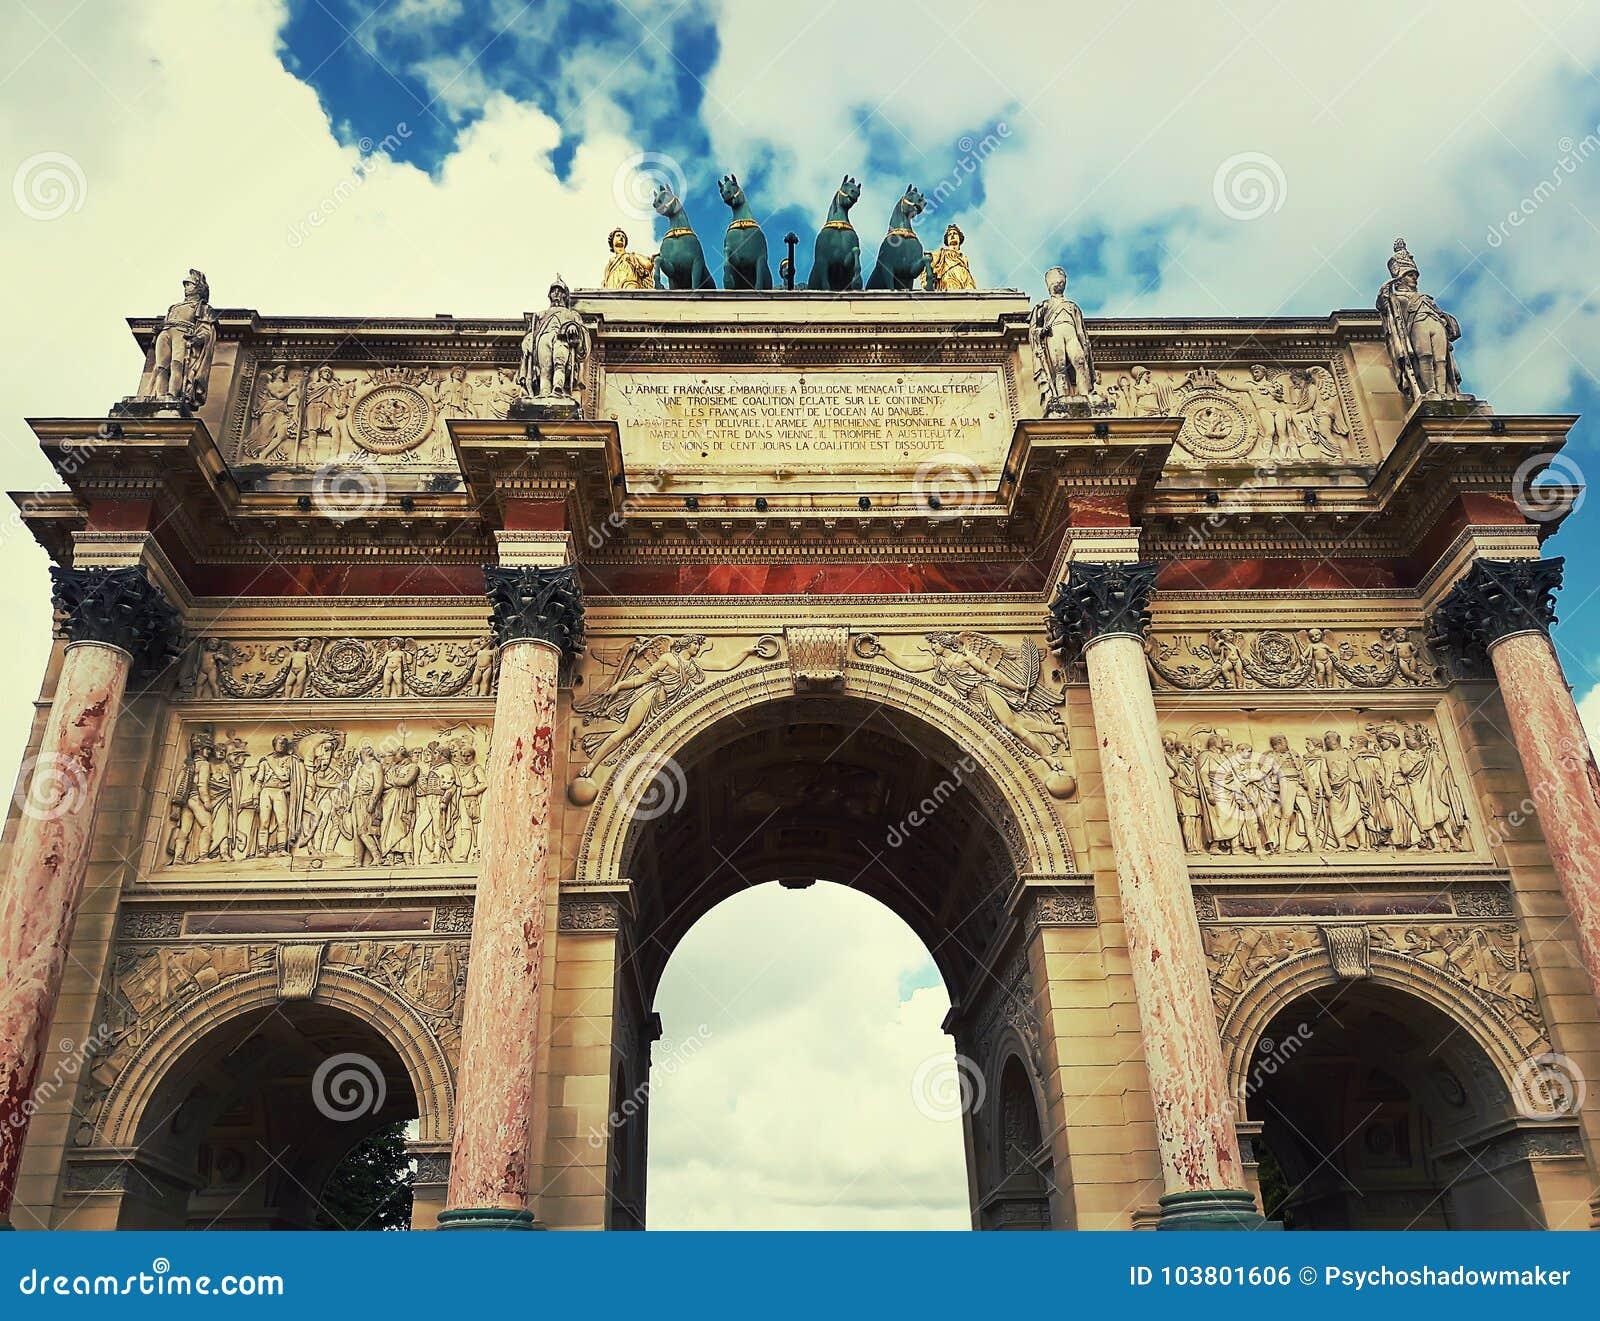 Arc carrousel de du triomphe